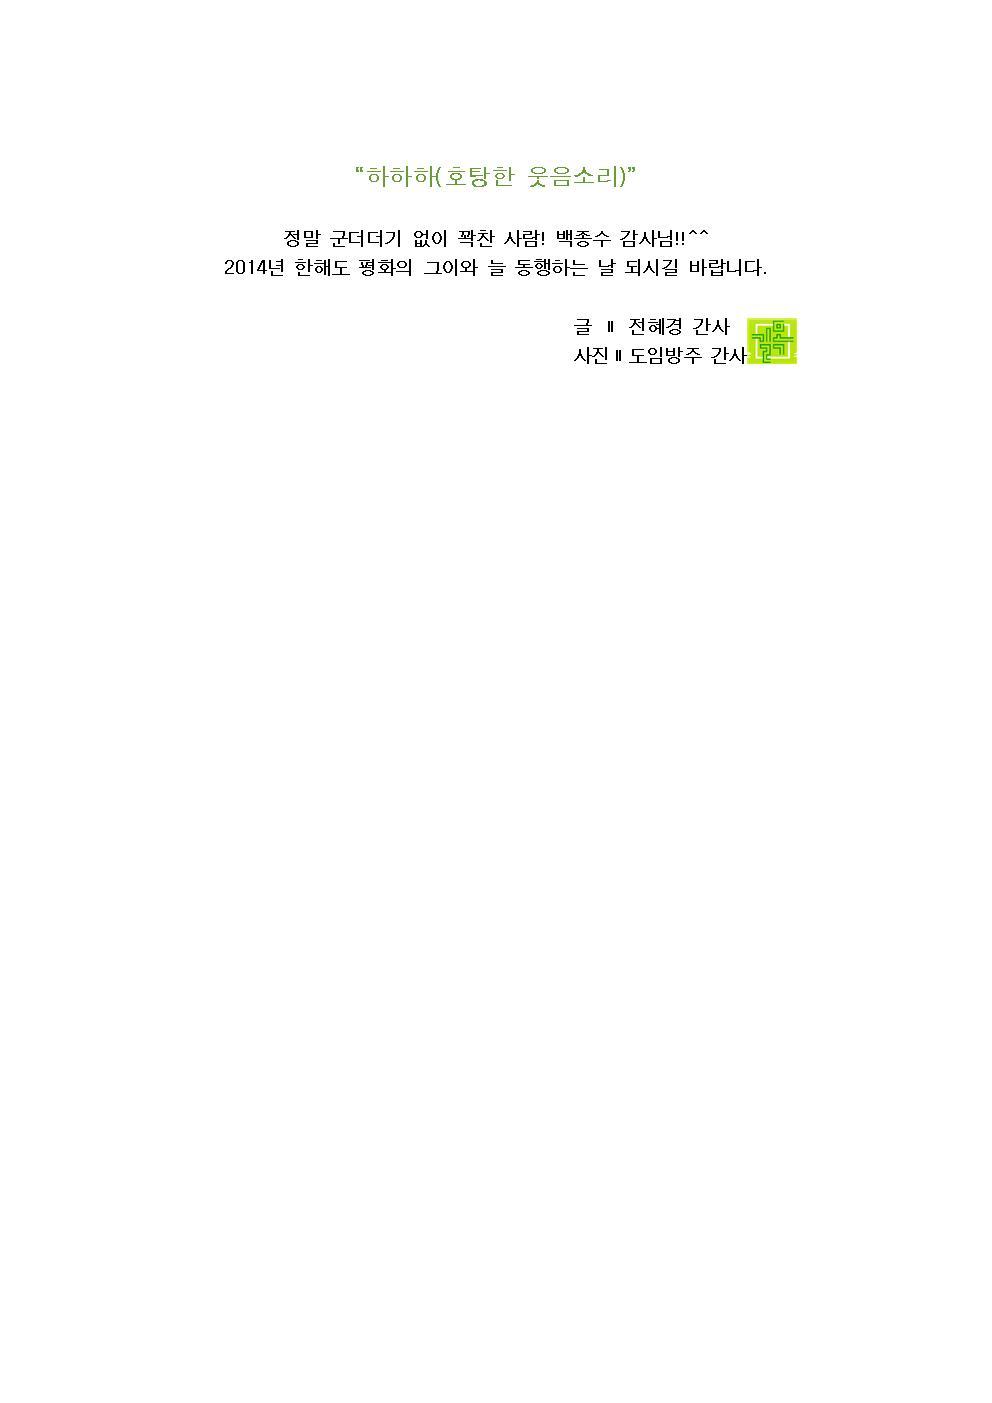 백종수 감사님과 담소003.jpg